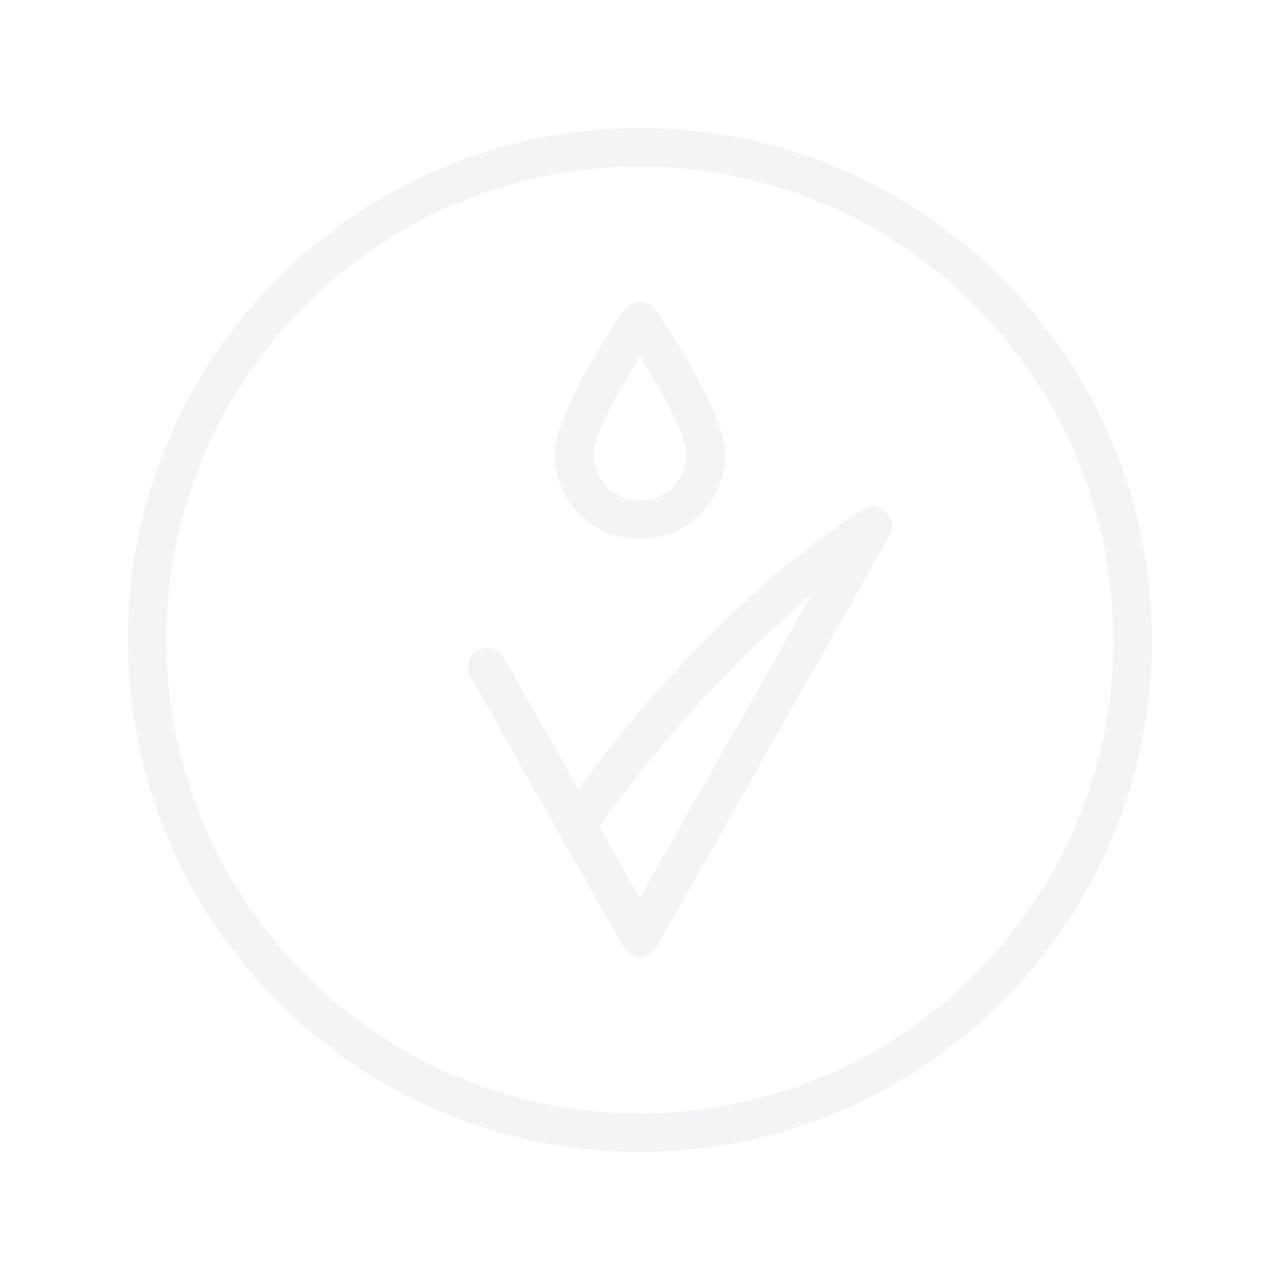 SHISEIDO Refreshing Cleansing Sheets 30pcs освежающие очищающие салфетки